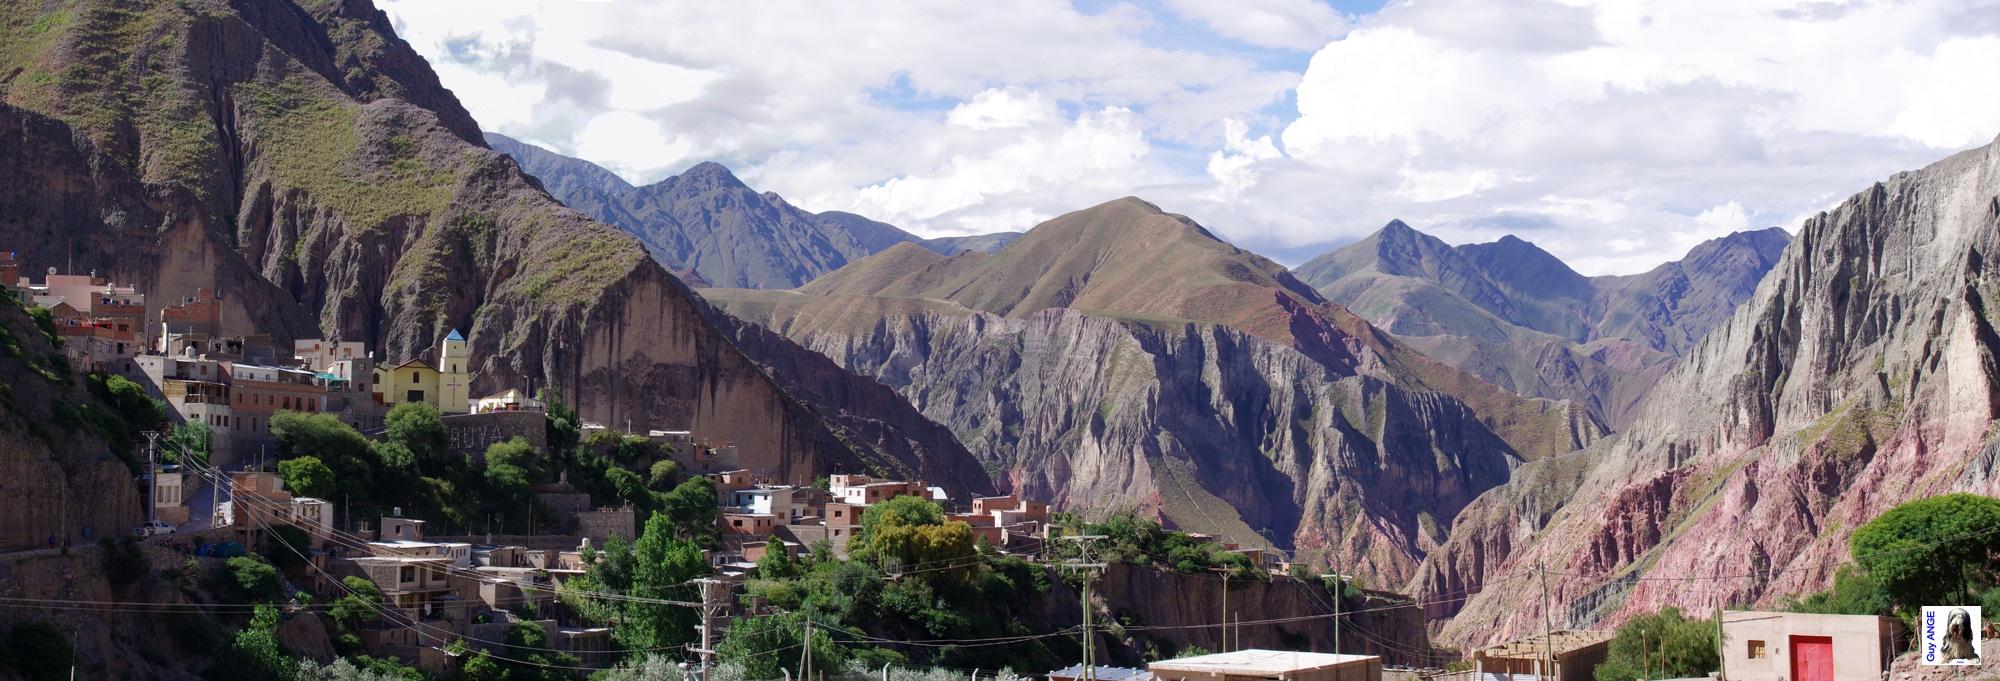 Argentine, Iruya.